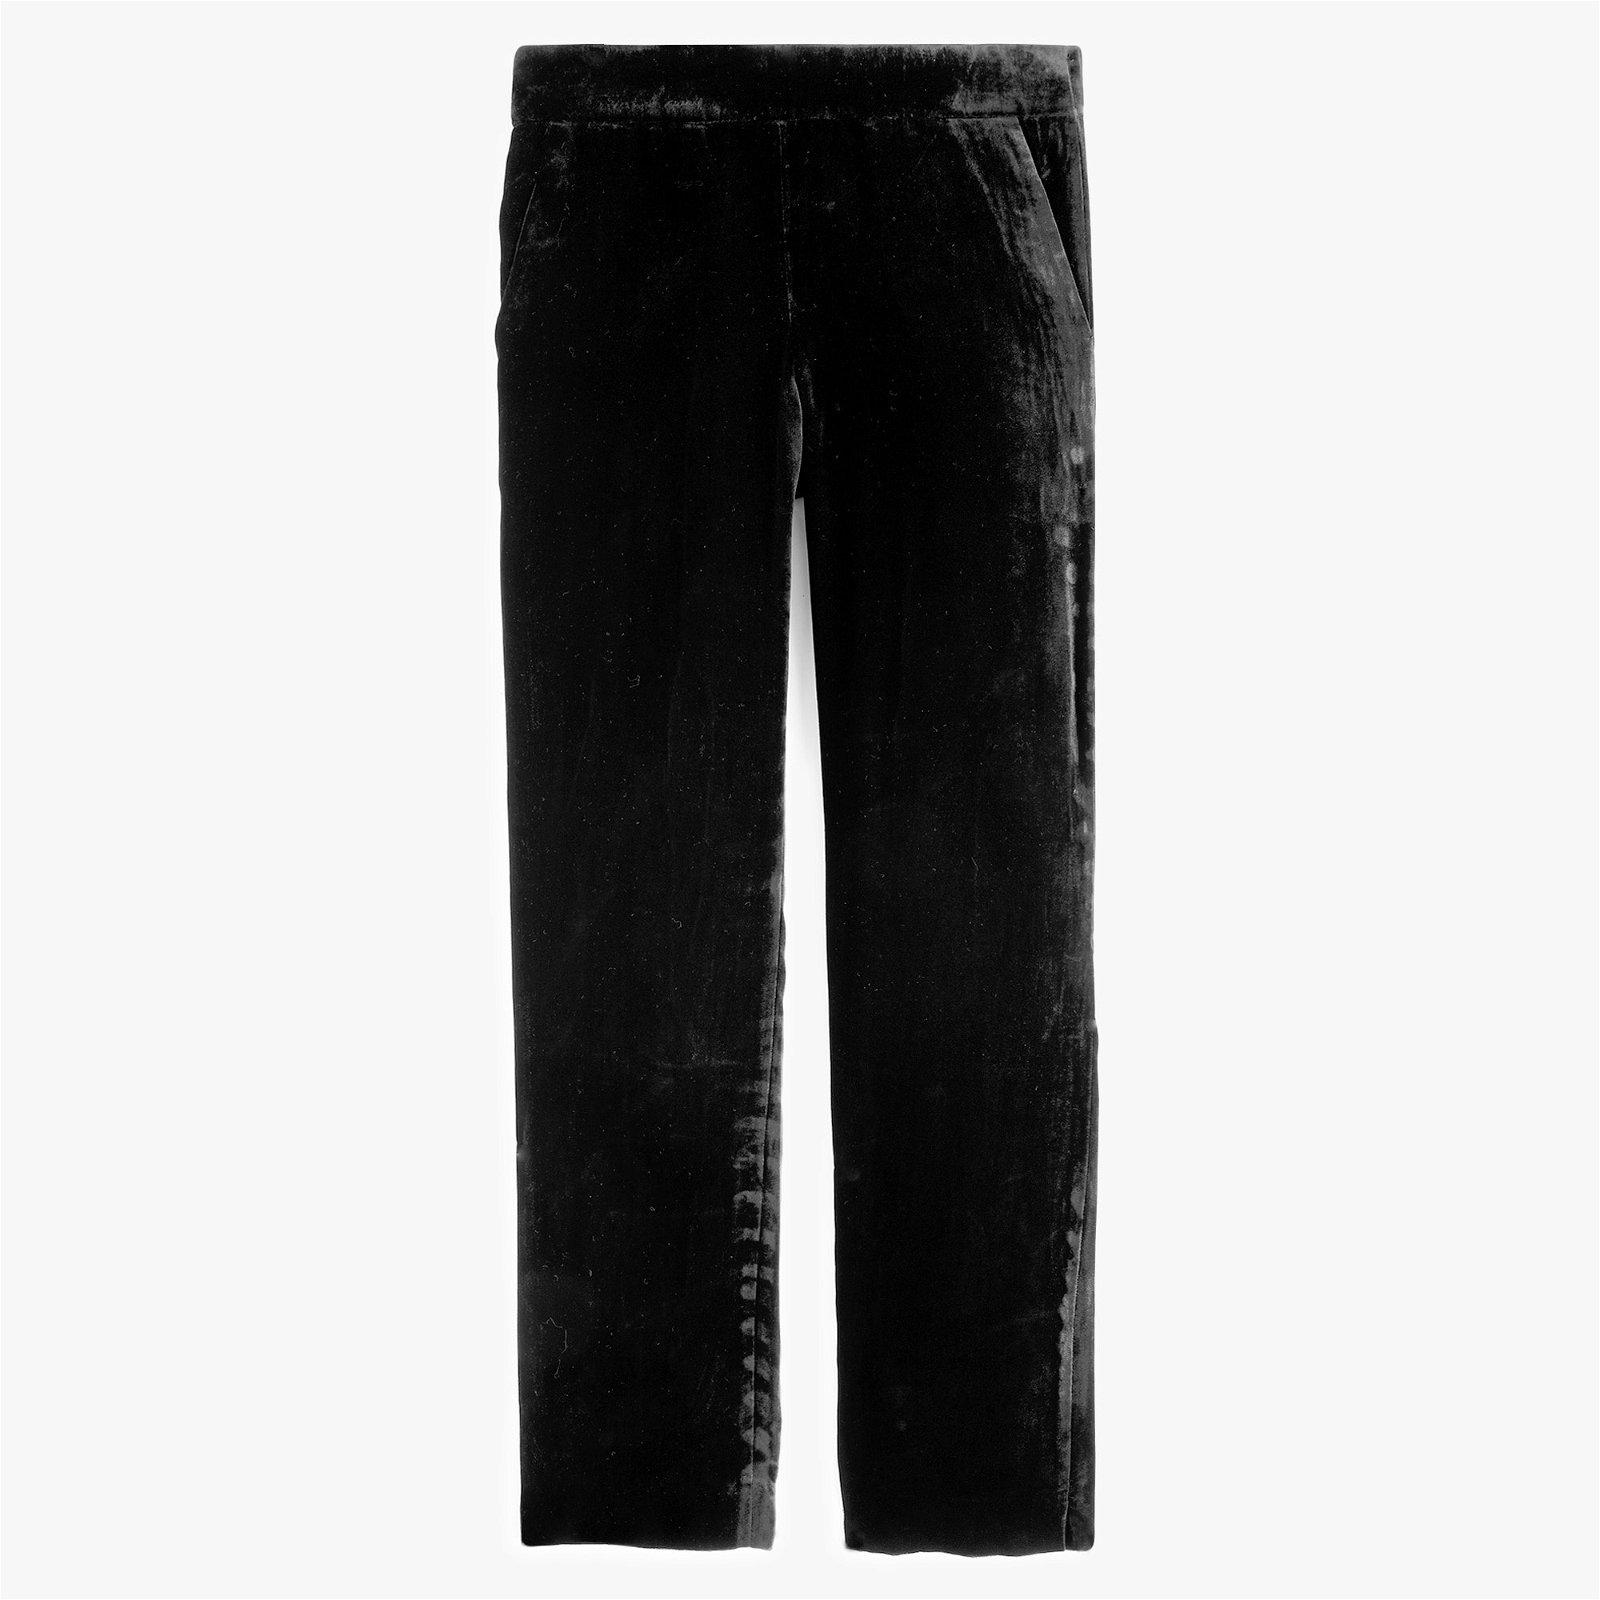 Classic Pull-on easy pant in velvet